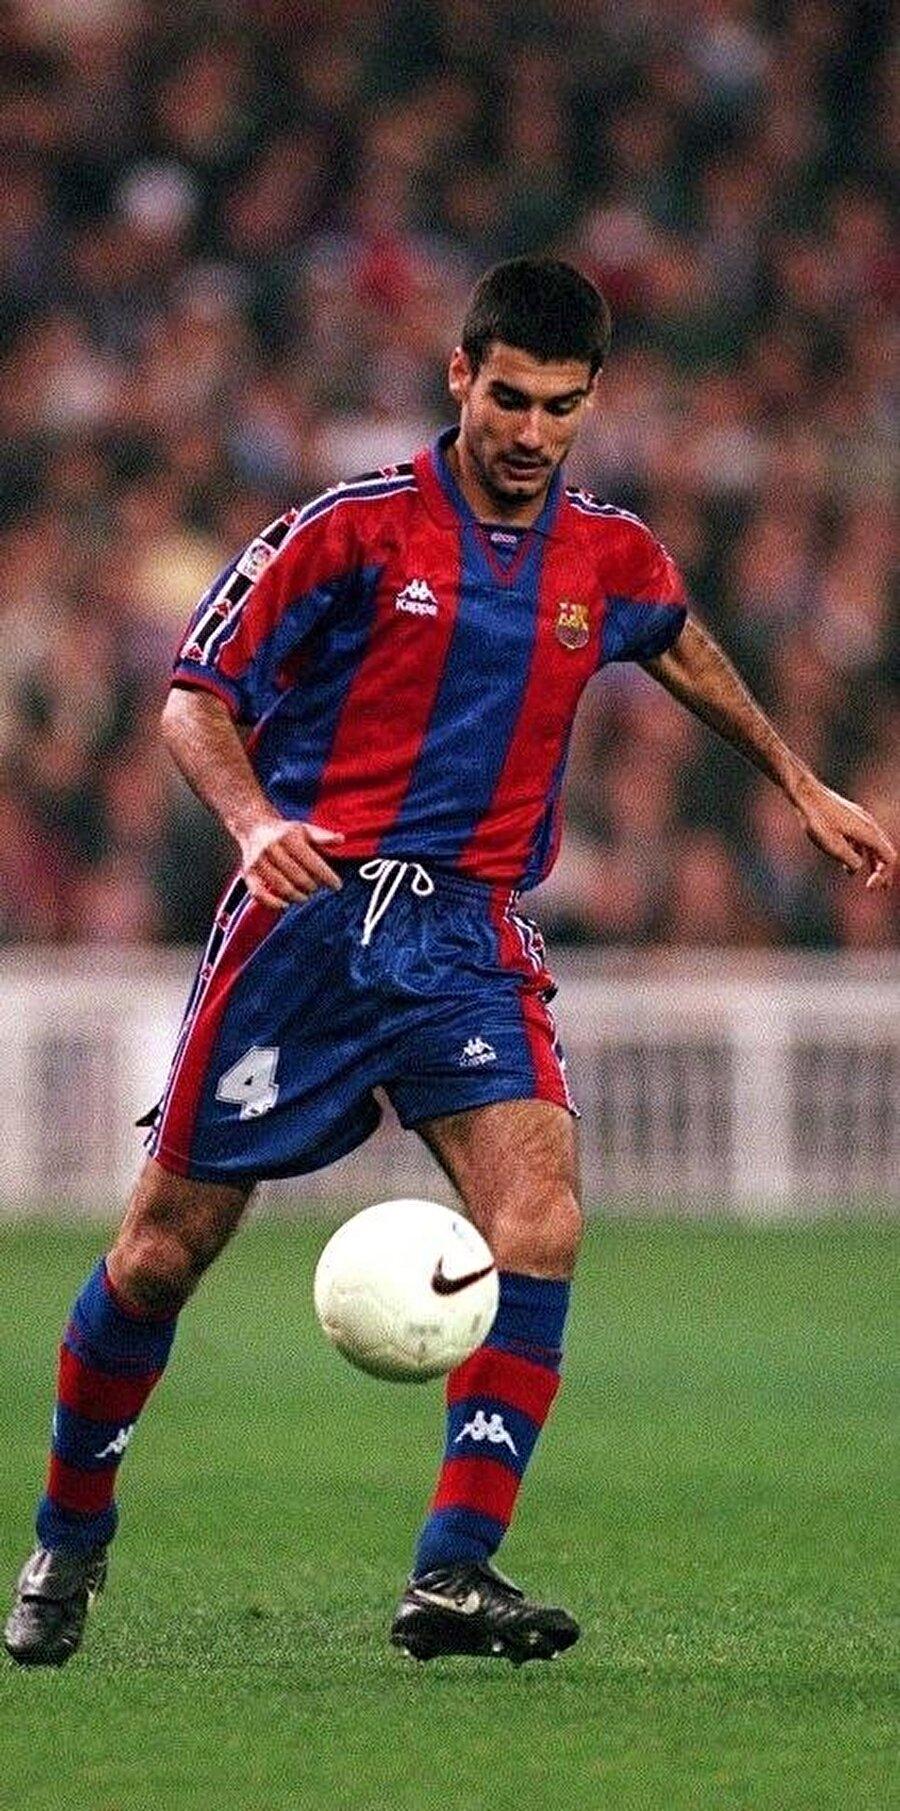 Orta sahada görev alan Guardiola, 1990 yılında yani 19 yaşındayken A Takıma yükseldi.